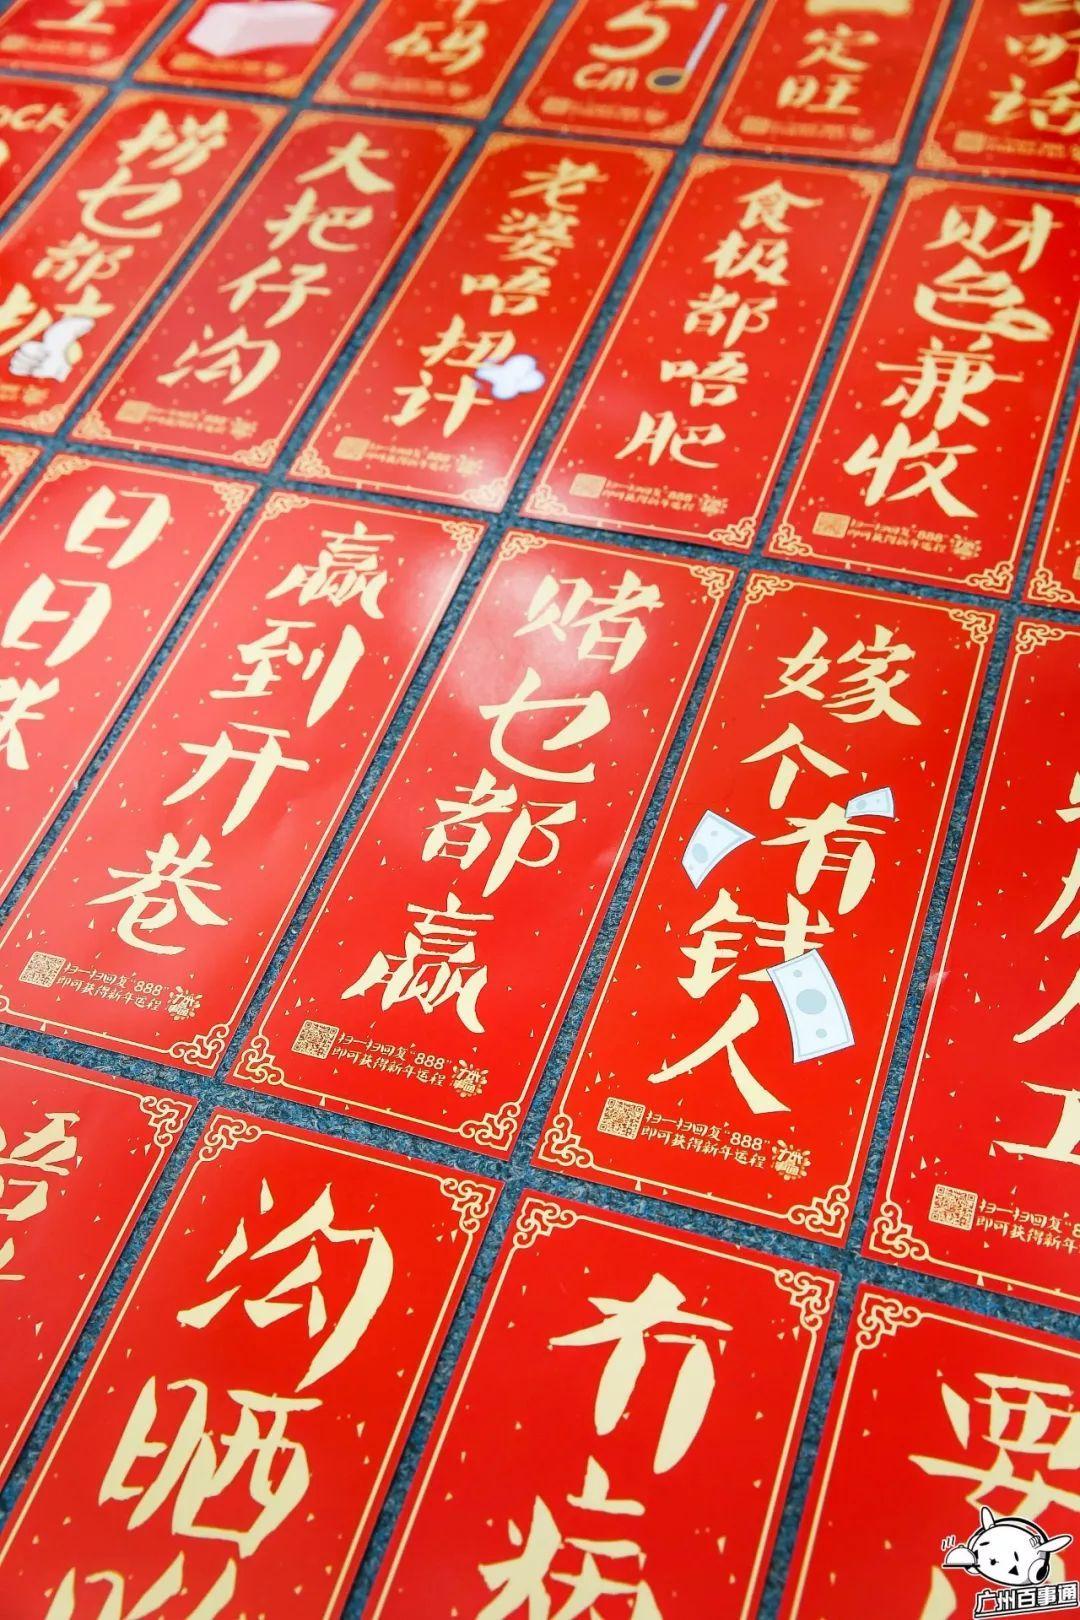 广州最潮粤语挥春,利是封开卖!抢到赚一个亿!鲨鱼和海皇图片